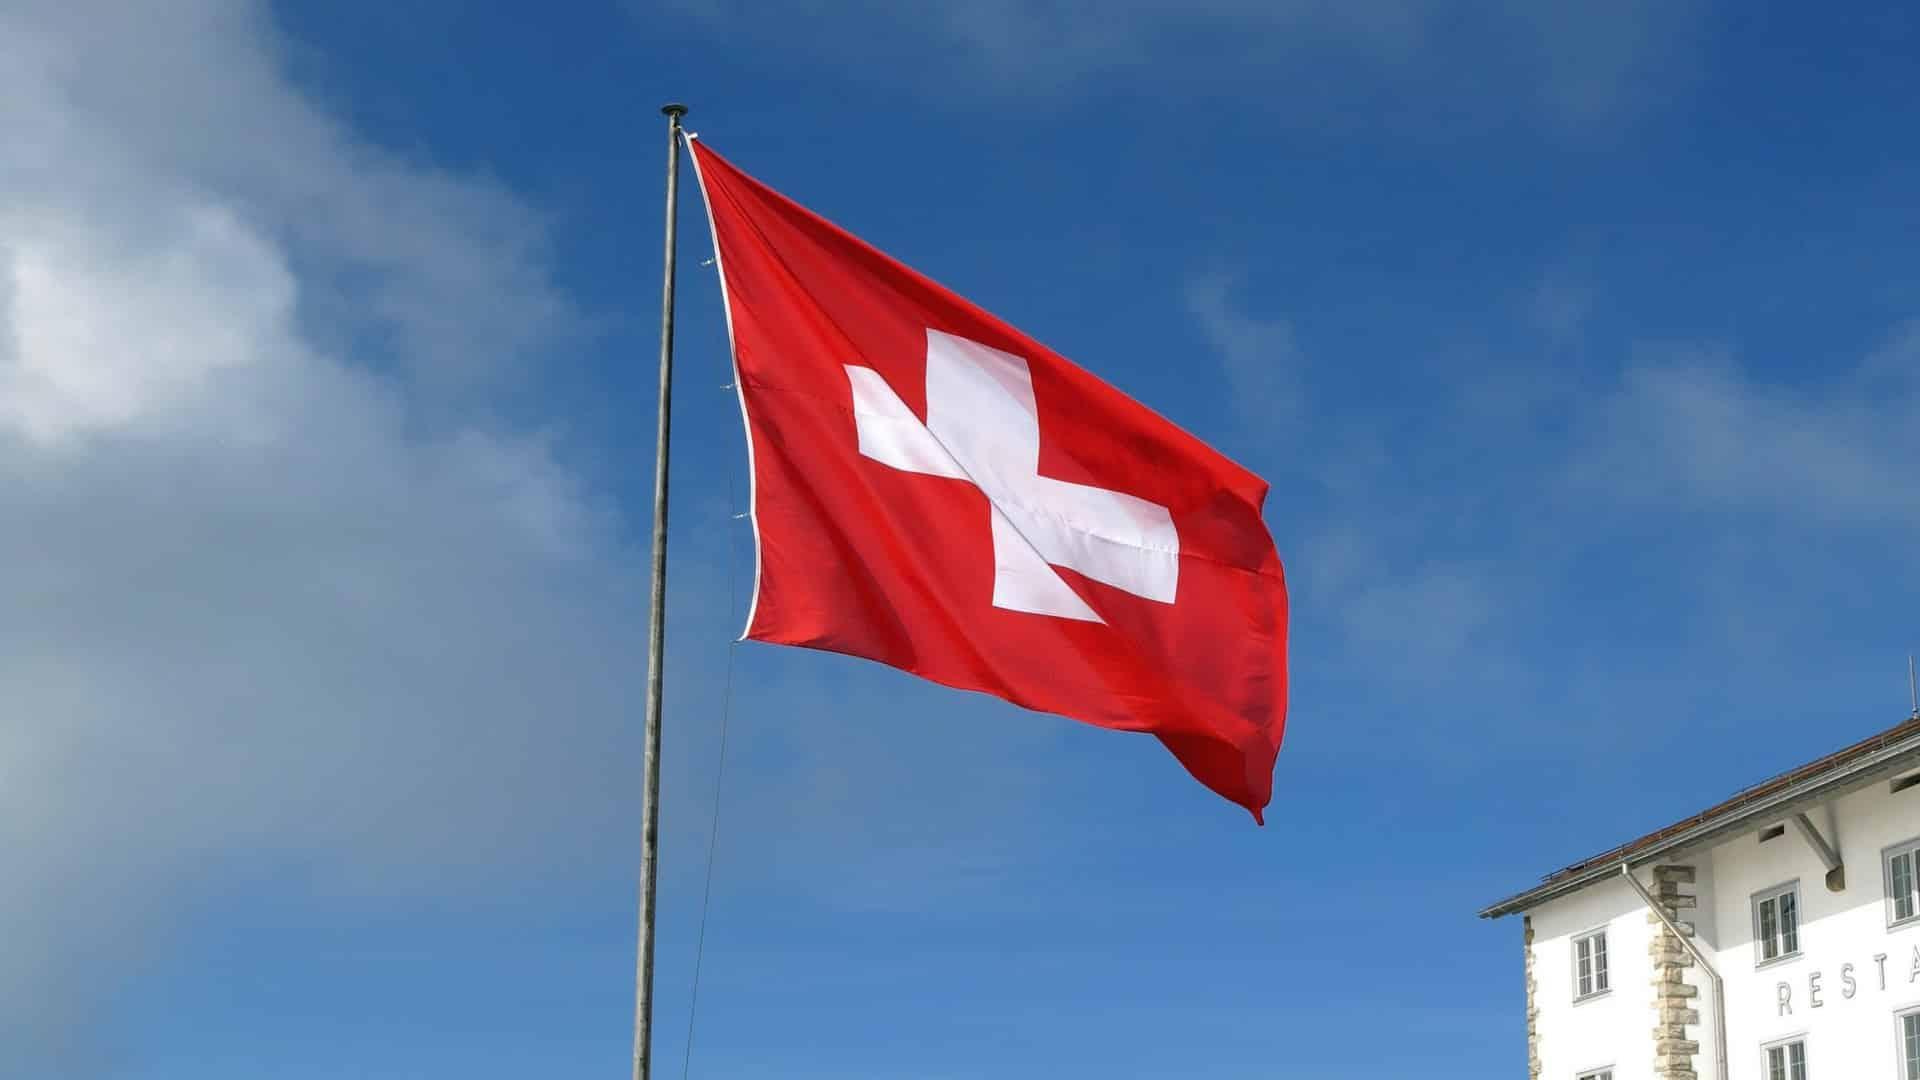 ee11a9fb4e5f44 Amazon bereitet Marktstart in der Schweiz vor – Chancen und Risiken für  Markenhersteller und Händler